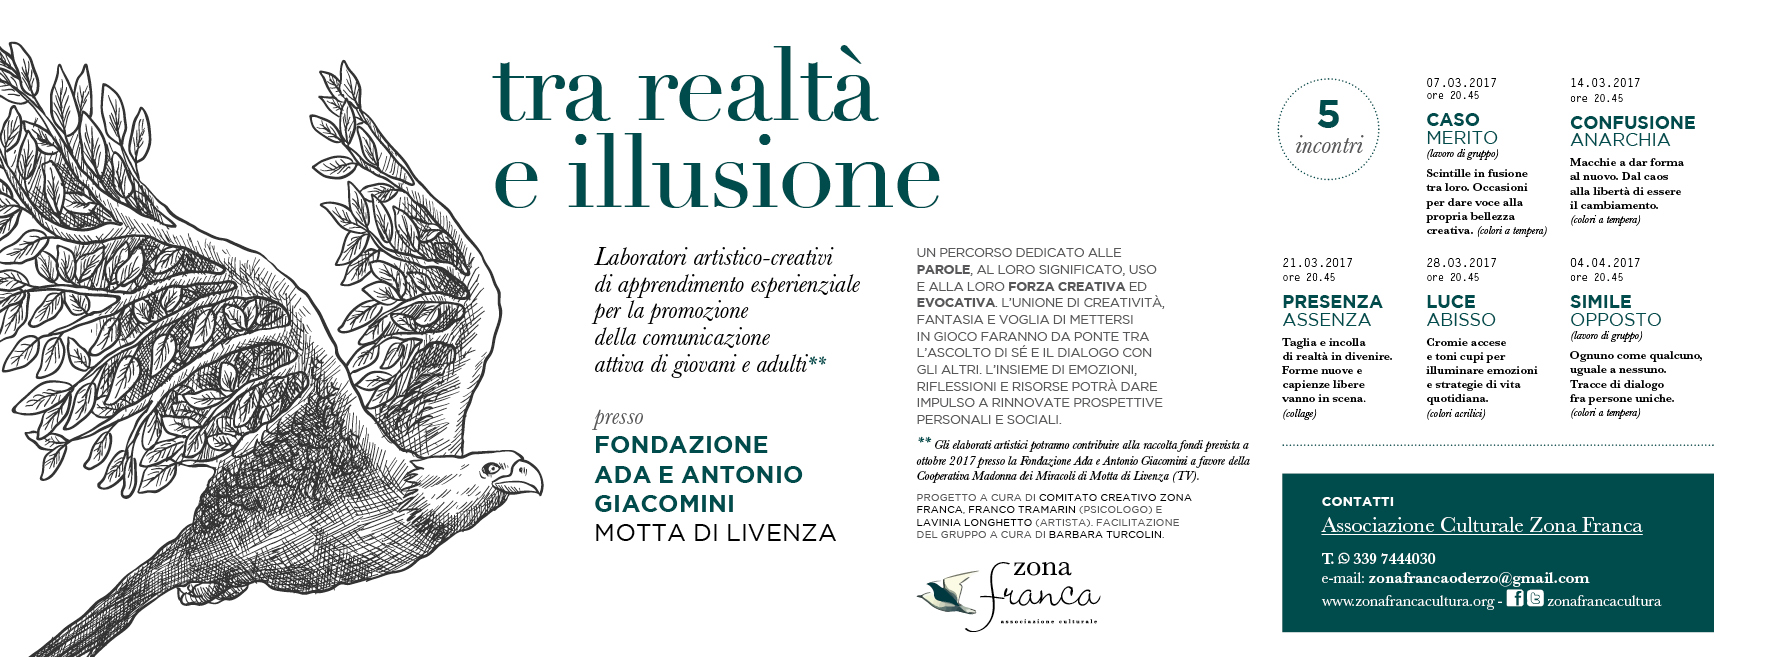 realta_illusione_social_02